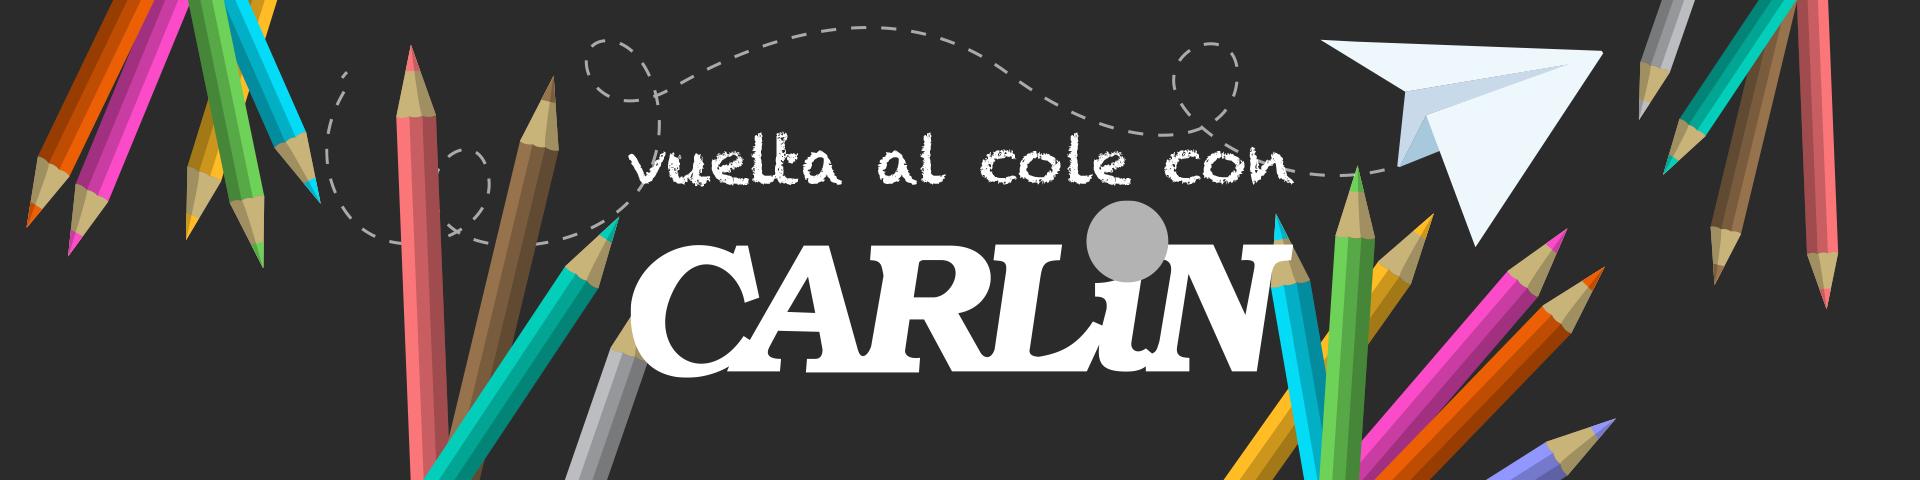 Vuelta al cole con Carlin